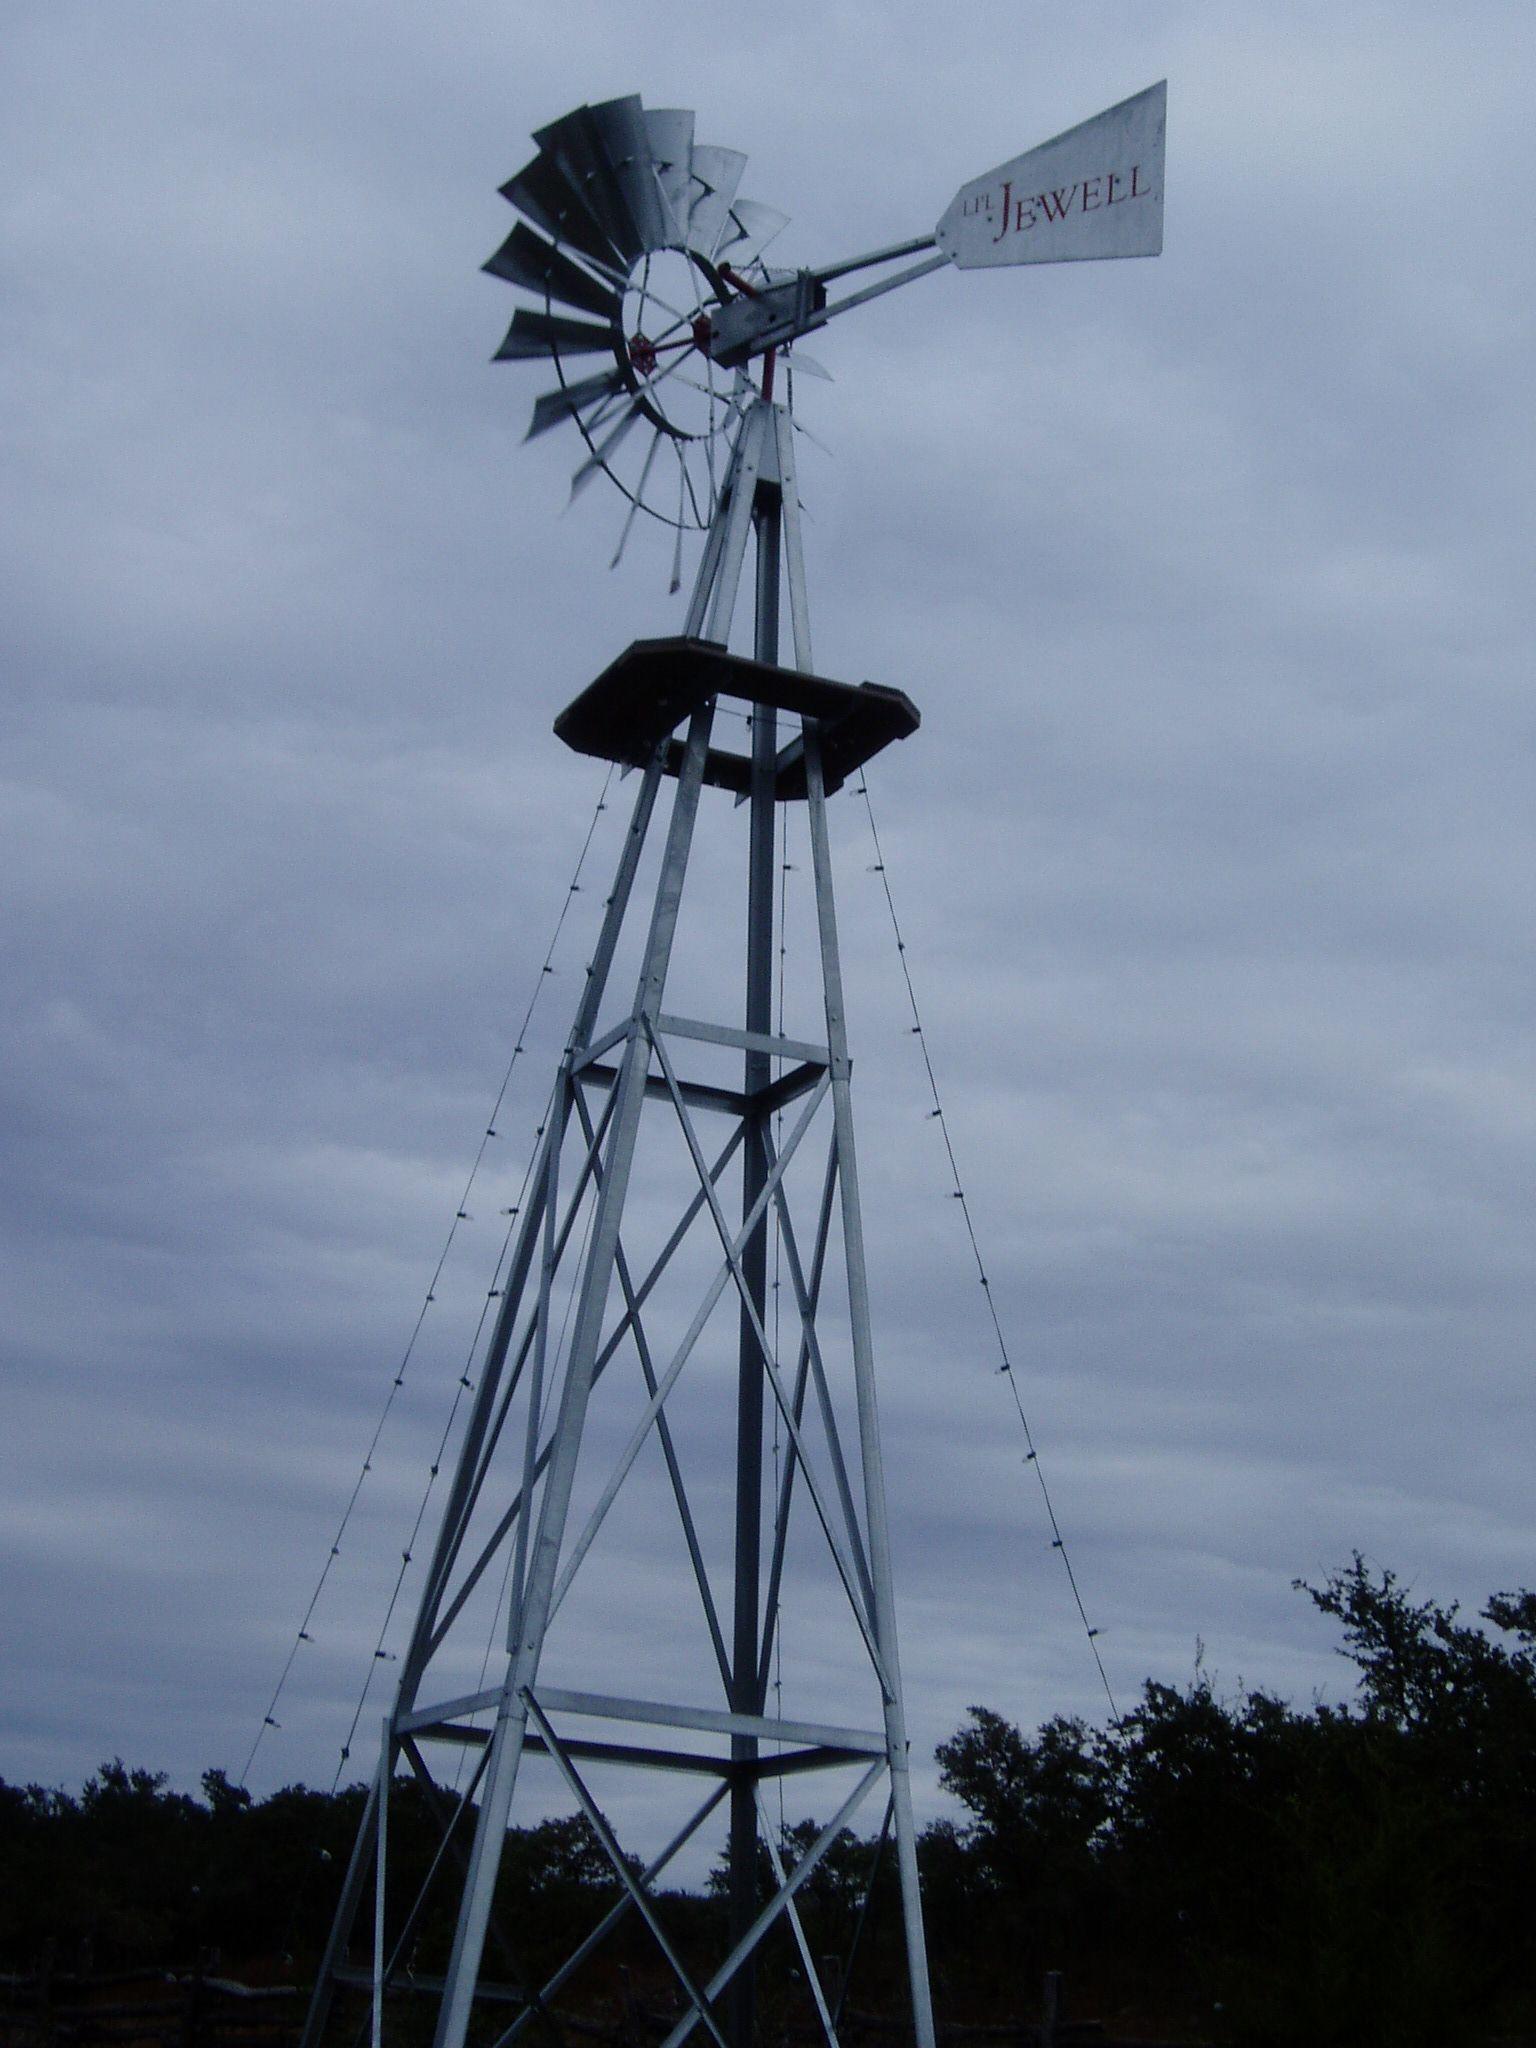 Boerne texas texas roadtrip road trip trip